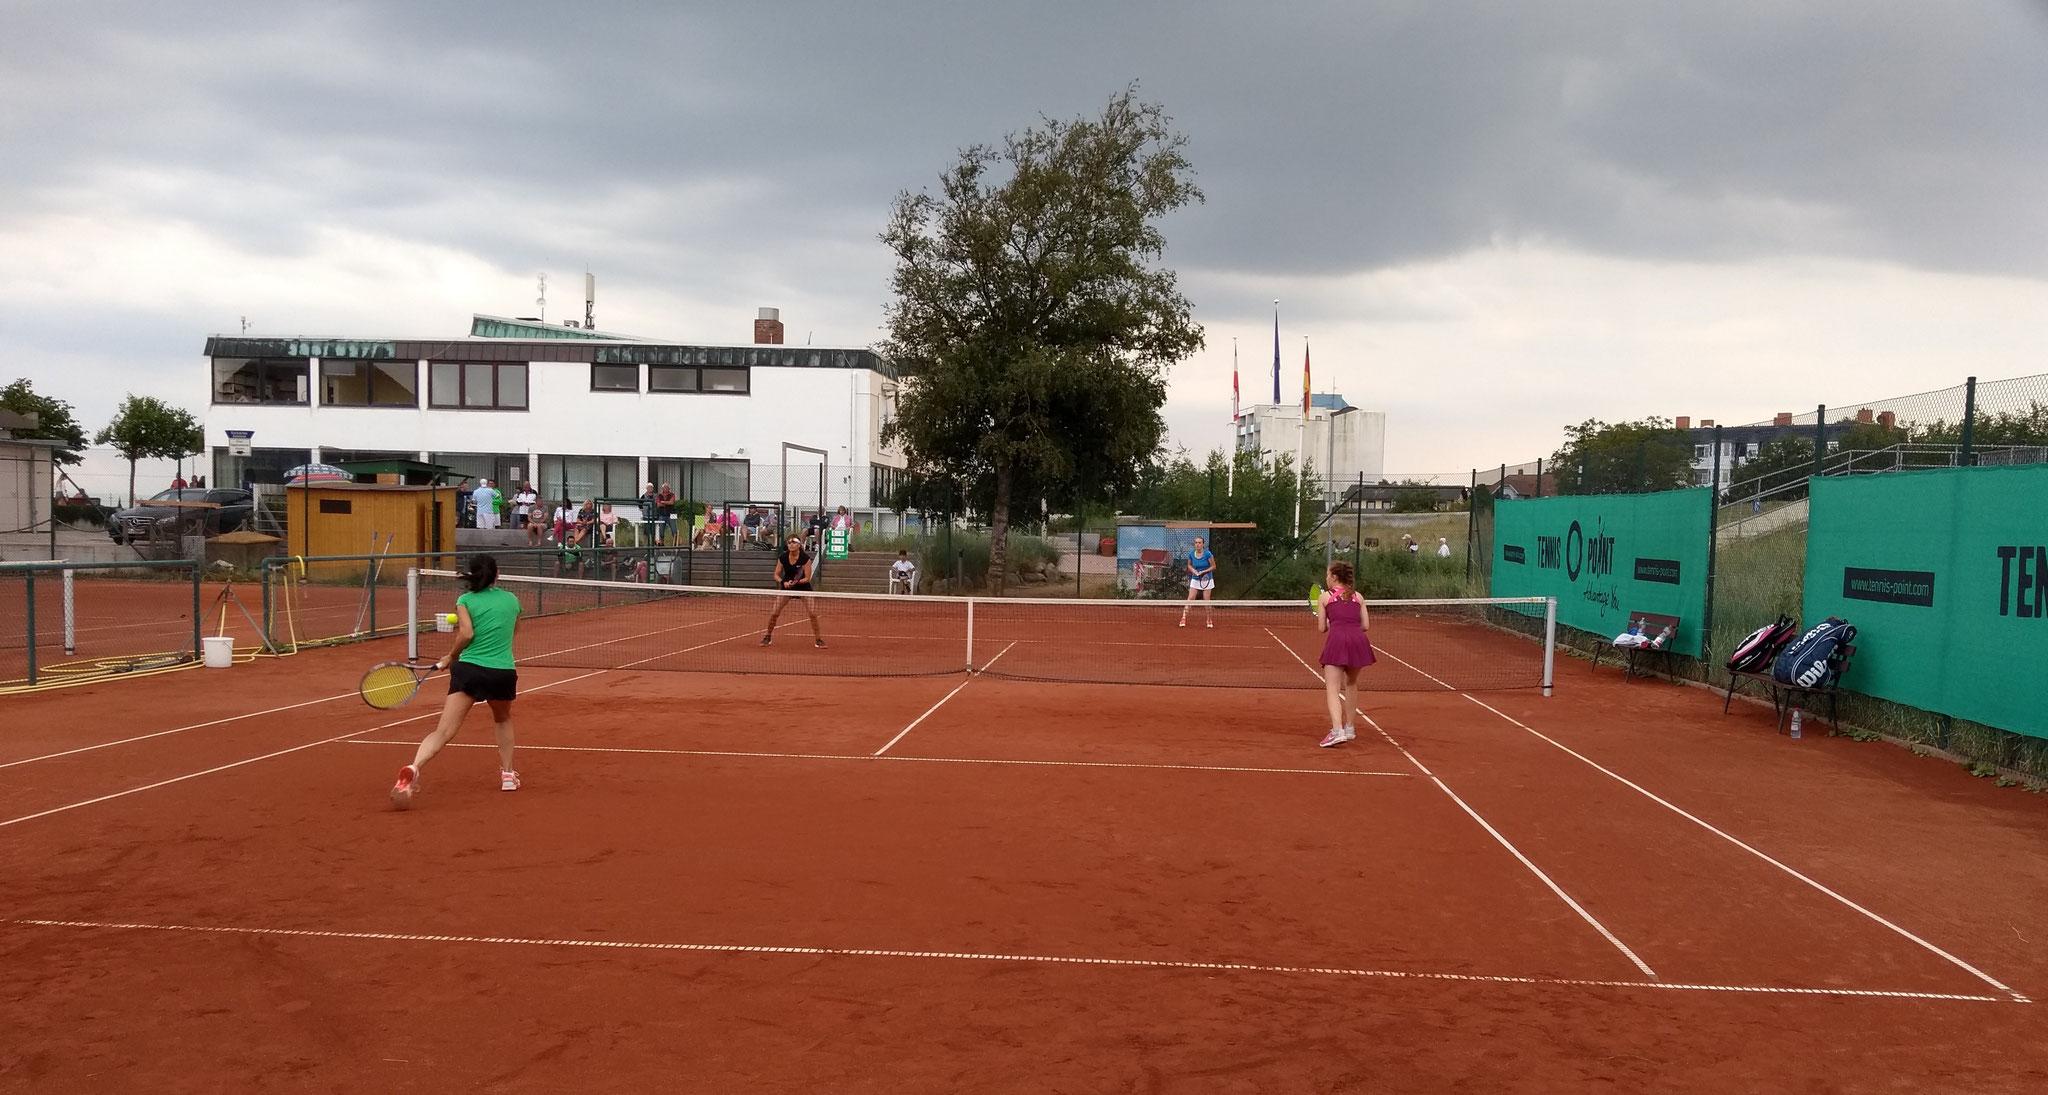 Dahme Open 2019 - hier wird seit 1927 Tennis gespielt!